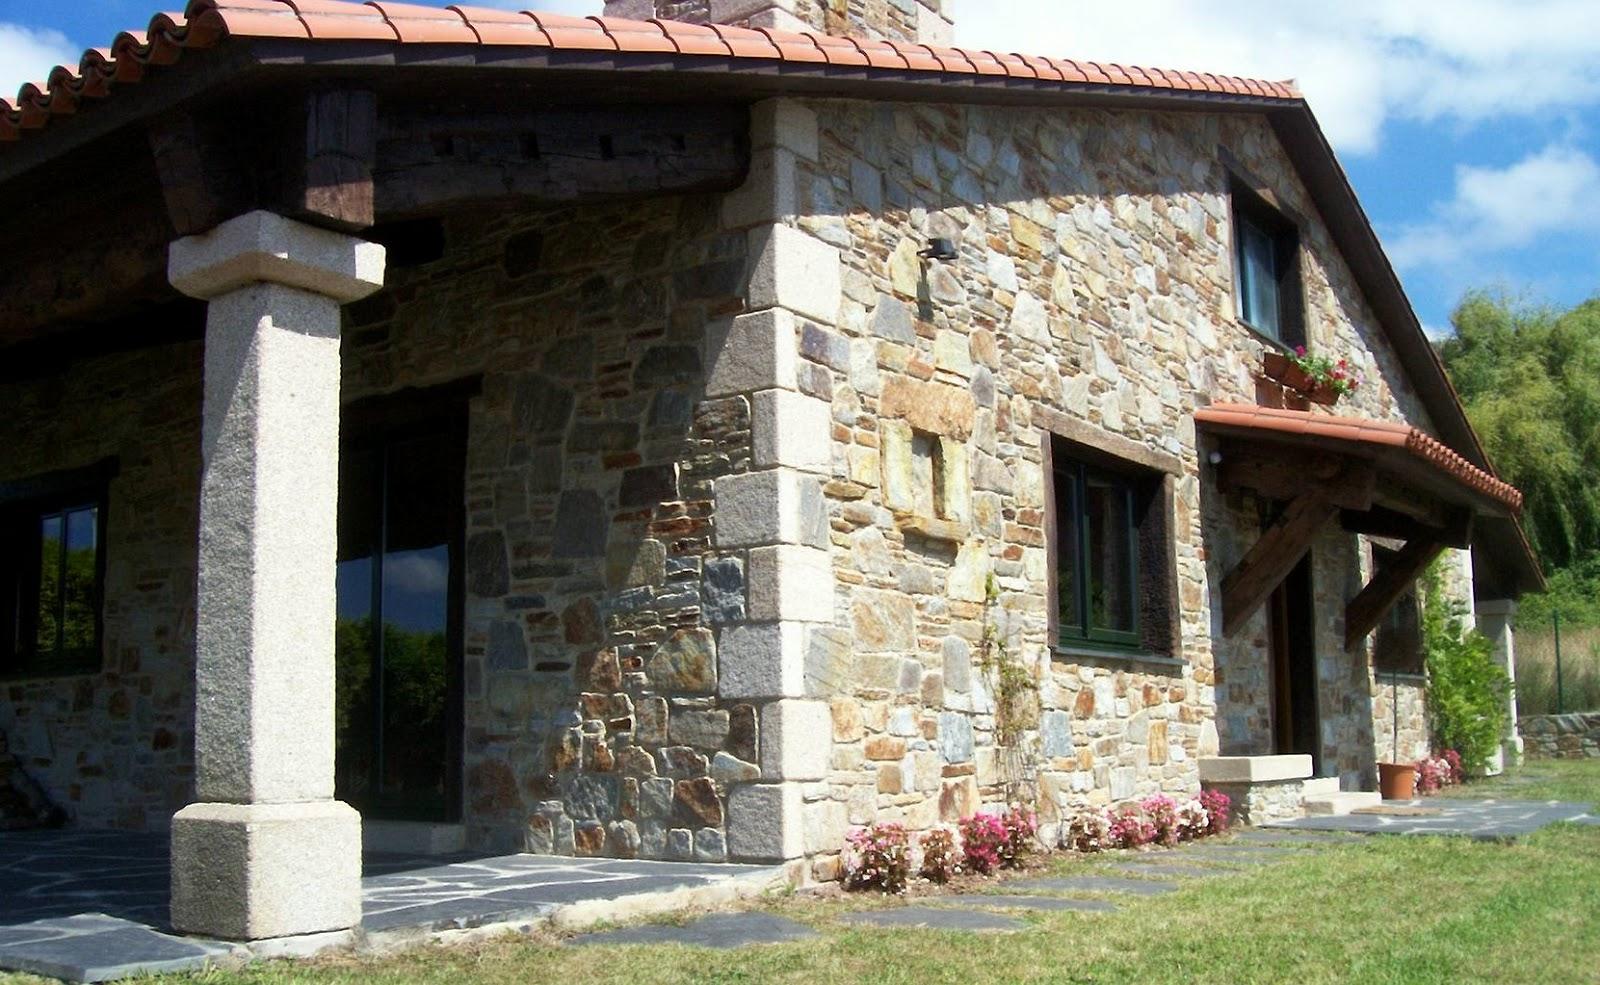 Construcciones r sticas gallegas la piedra como base - Rusticas gallegas ...